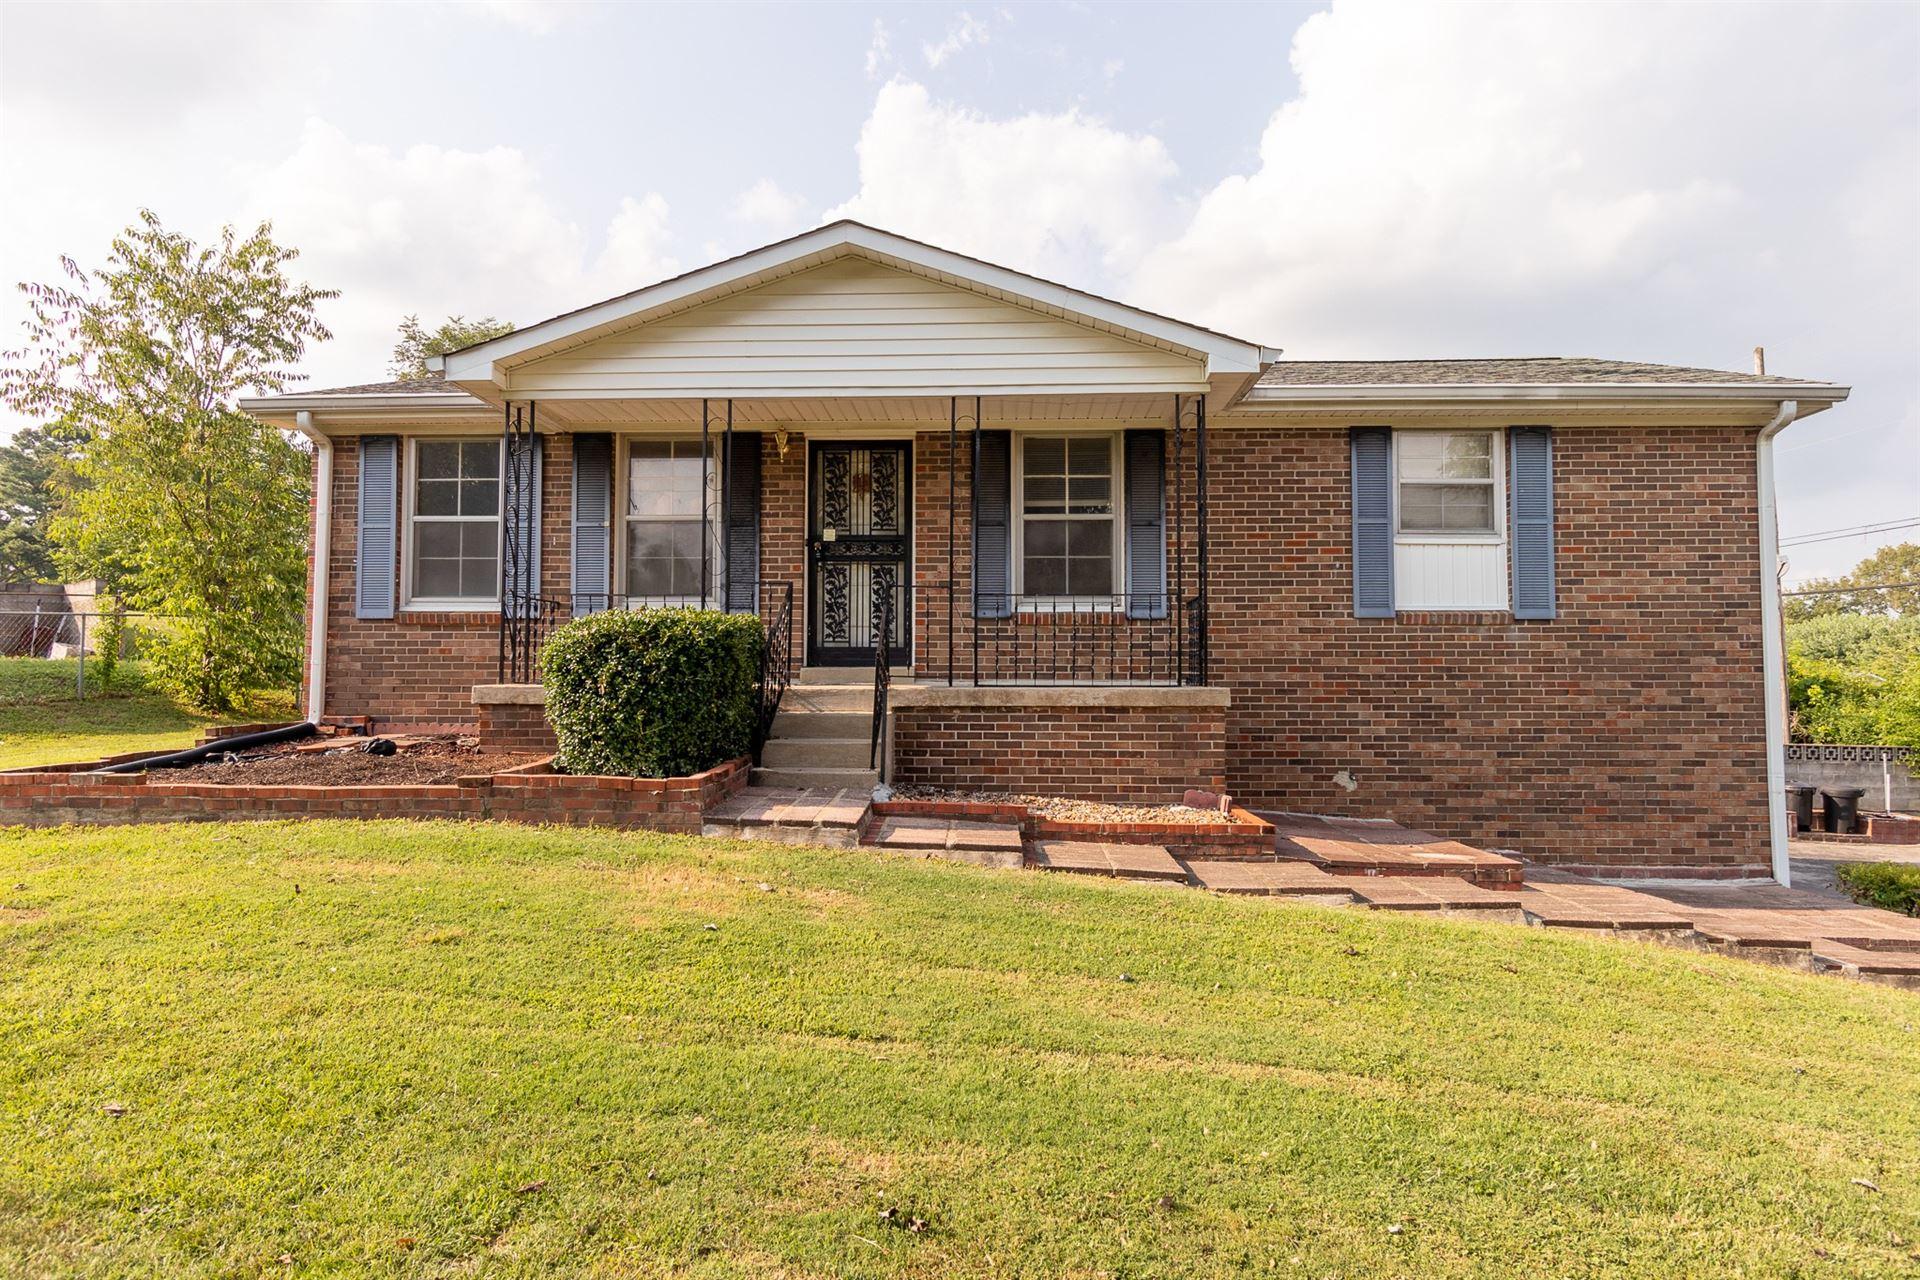 403 Christine Dr, Clarksville, TN 37042 - MLS#: 2270924